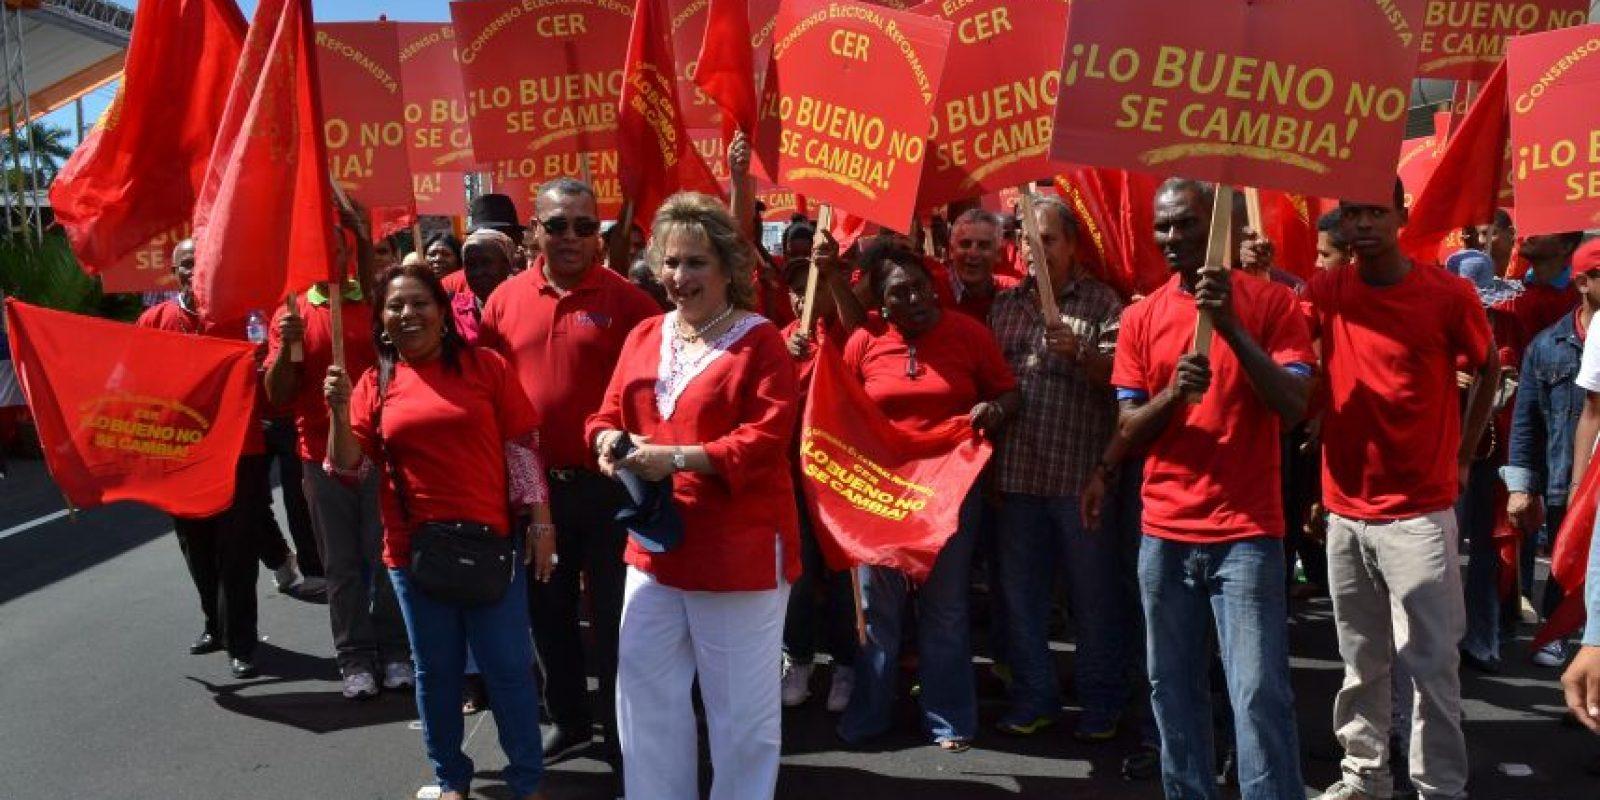 El presidente Medina encabezó el acto inaugural. Foto:Mario de Peña